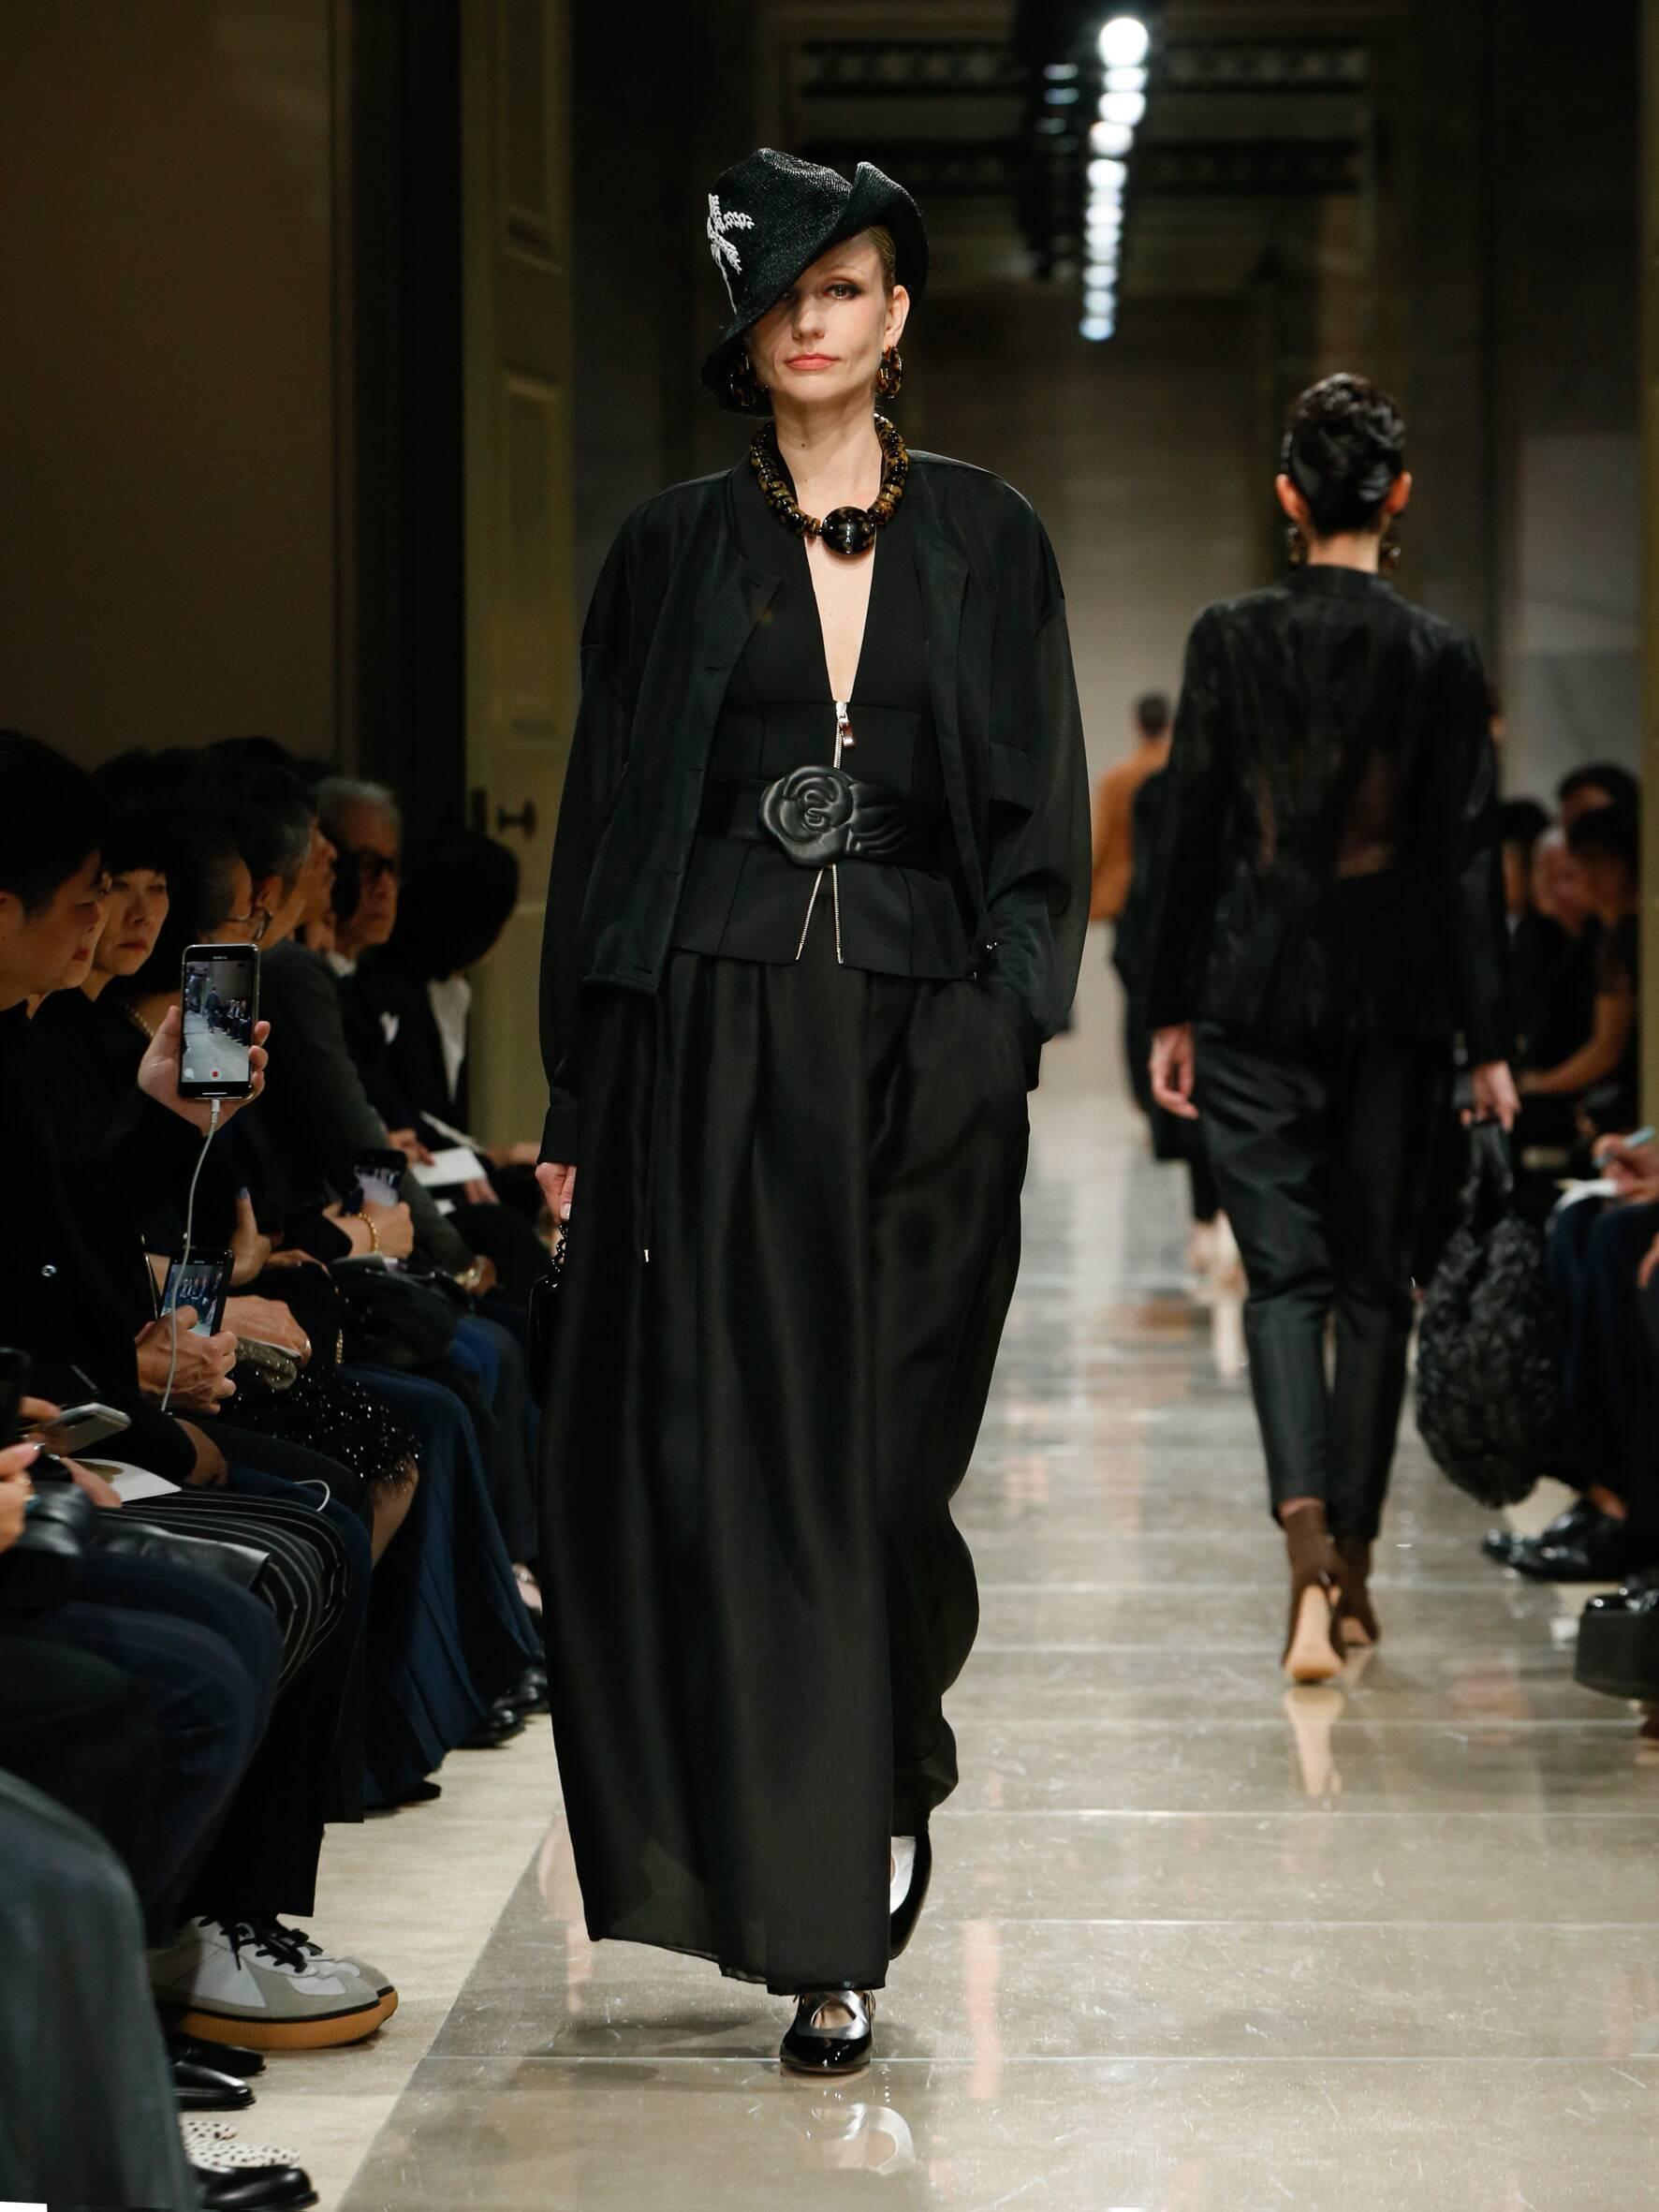 Giorgio Armani Cruise 2020 Collection Look 53 Tokyo